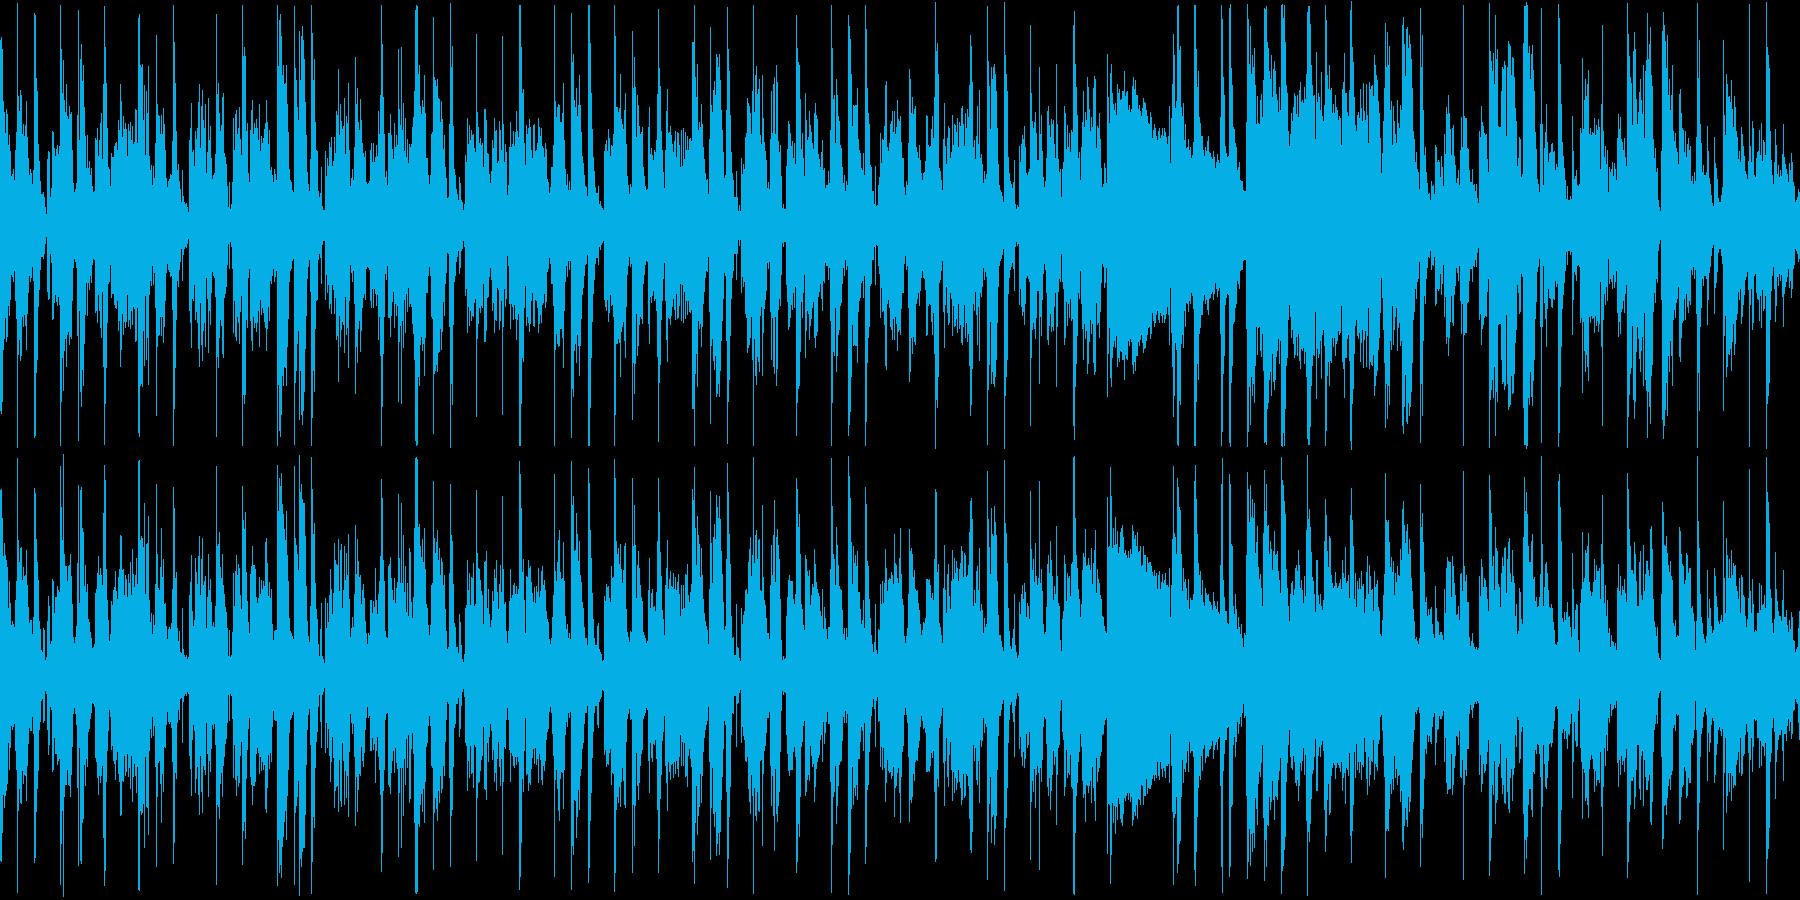 重みのあるクールなファンクギタートラックの再生済みの波形